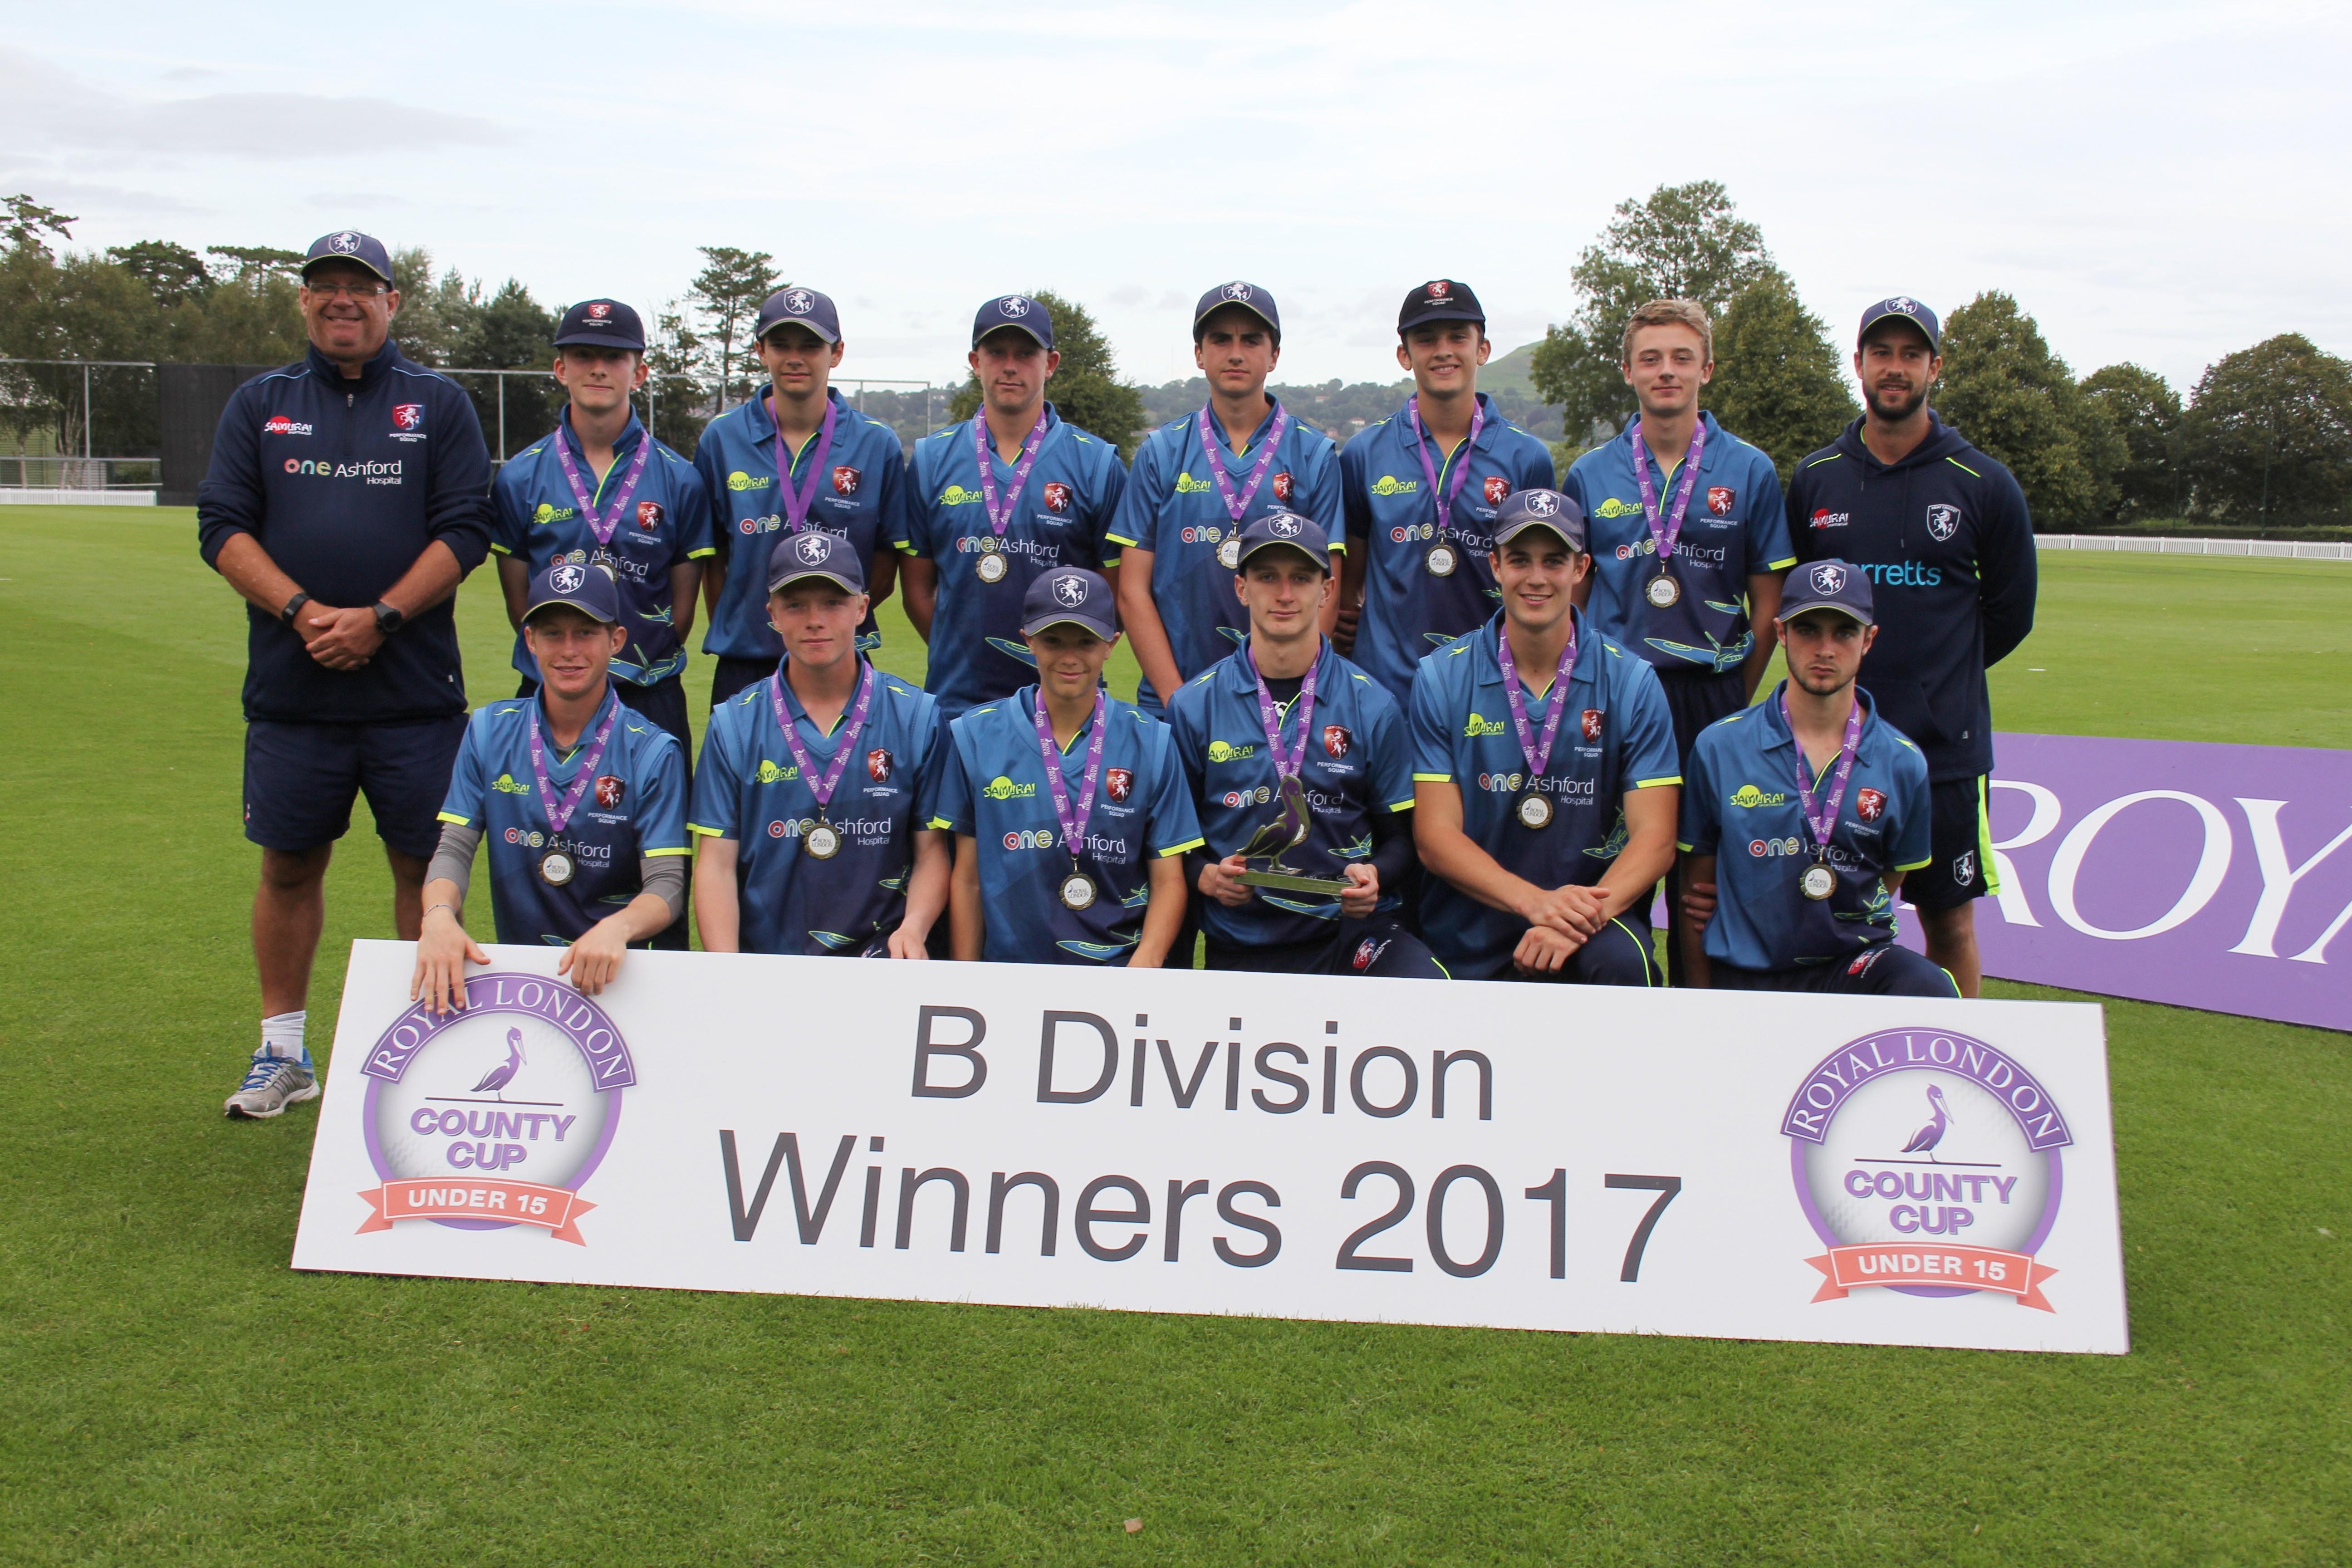 Kent_B_Division_Winners_2017